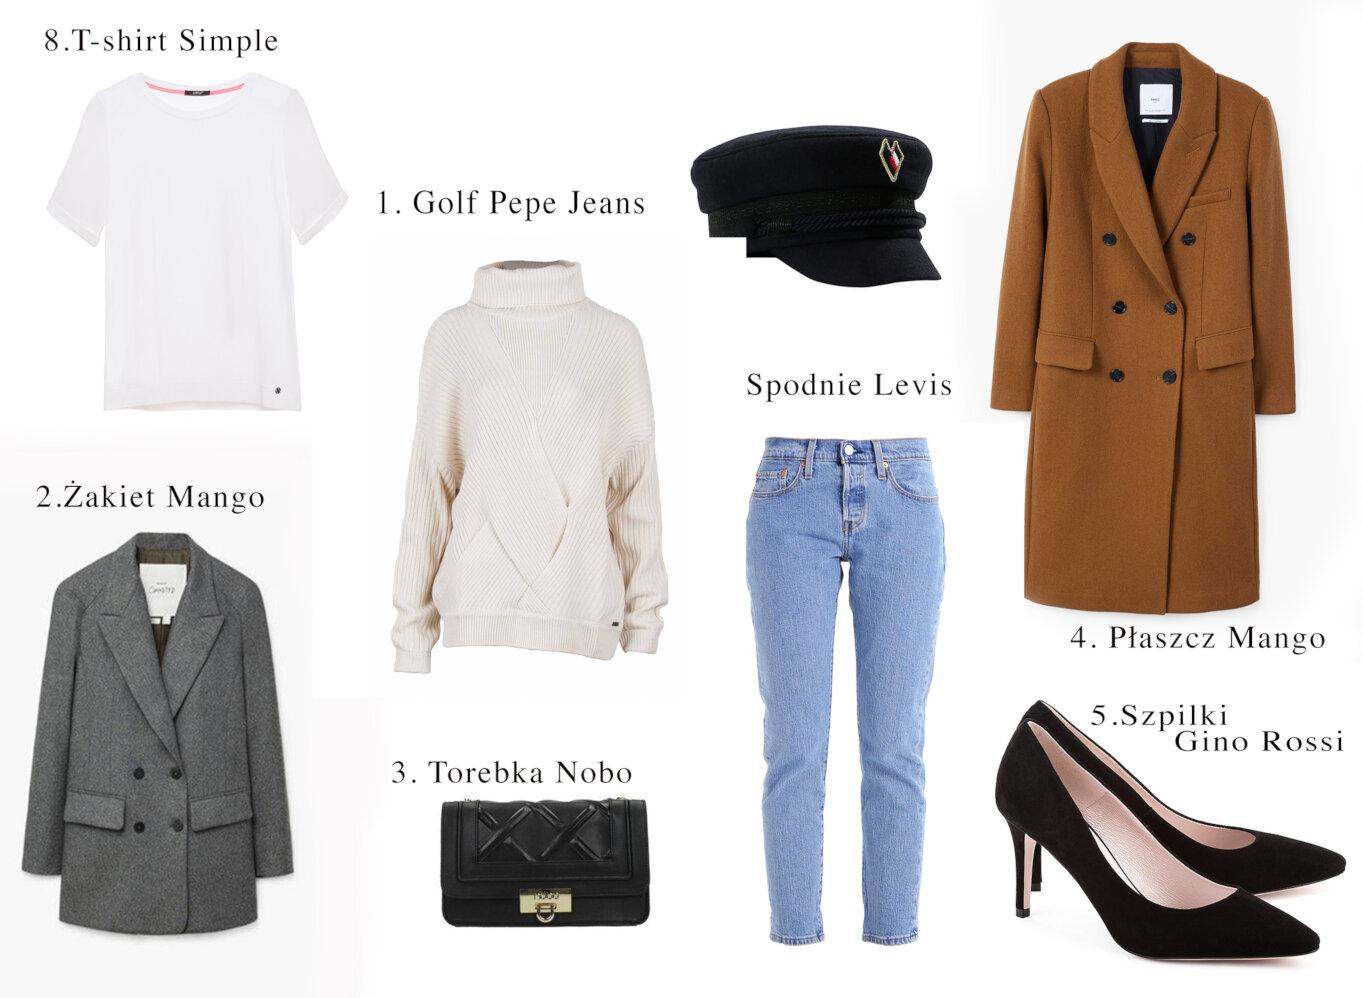 Przykładowy zestaw ubrań z szafy kapsułowej